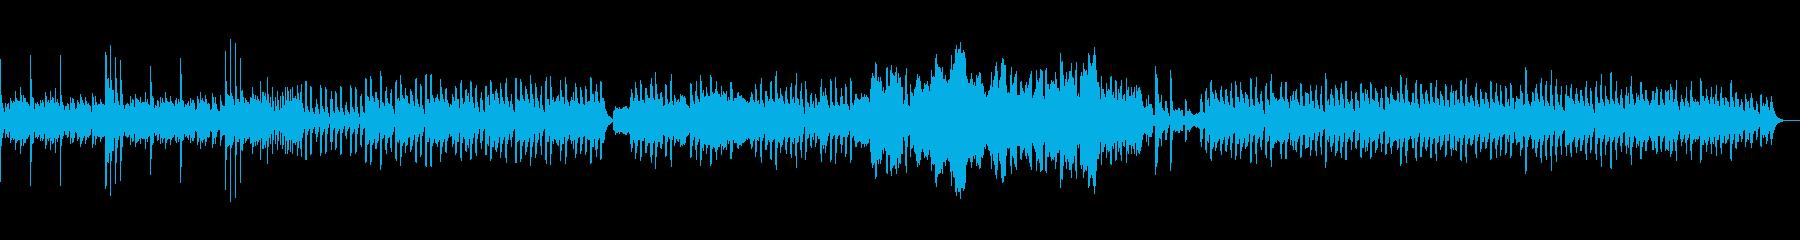 シンセがメロディを担当する可愛らしい曲の再生済みの波形